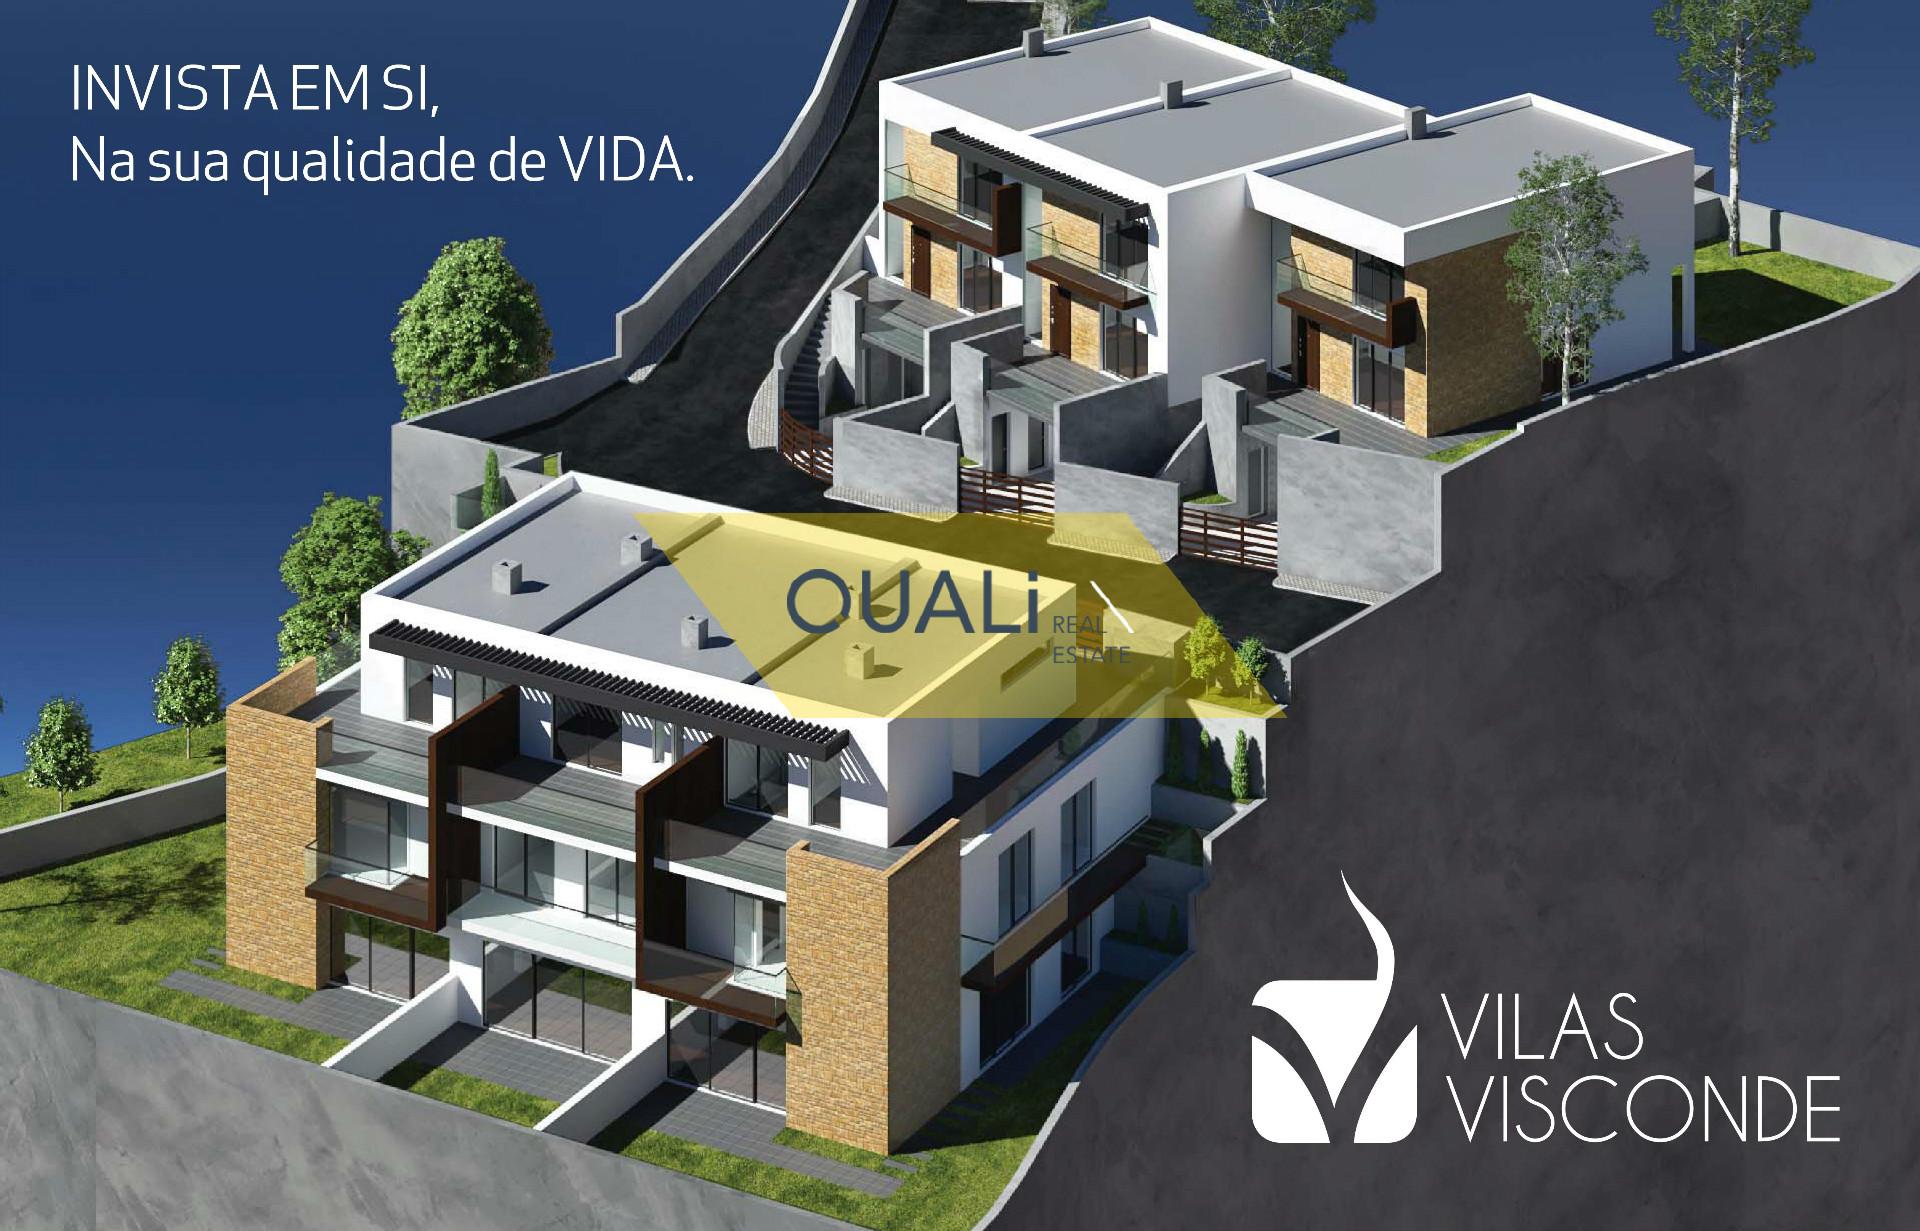 Moradia V3+1 no Funchal em condominio fechado - ilha da Madeira - € 320.000,00